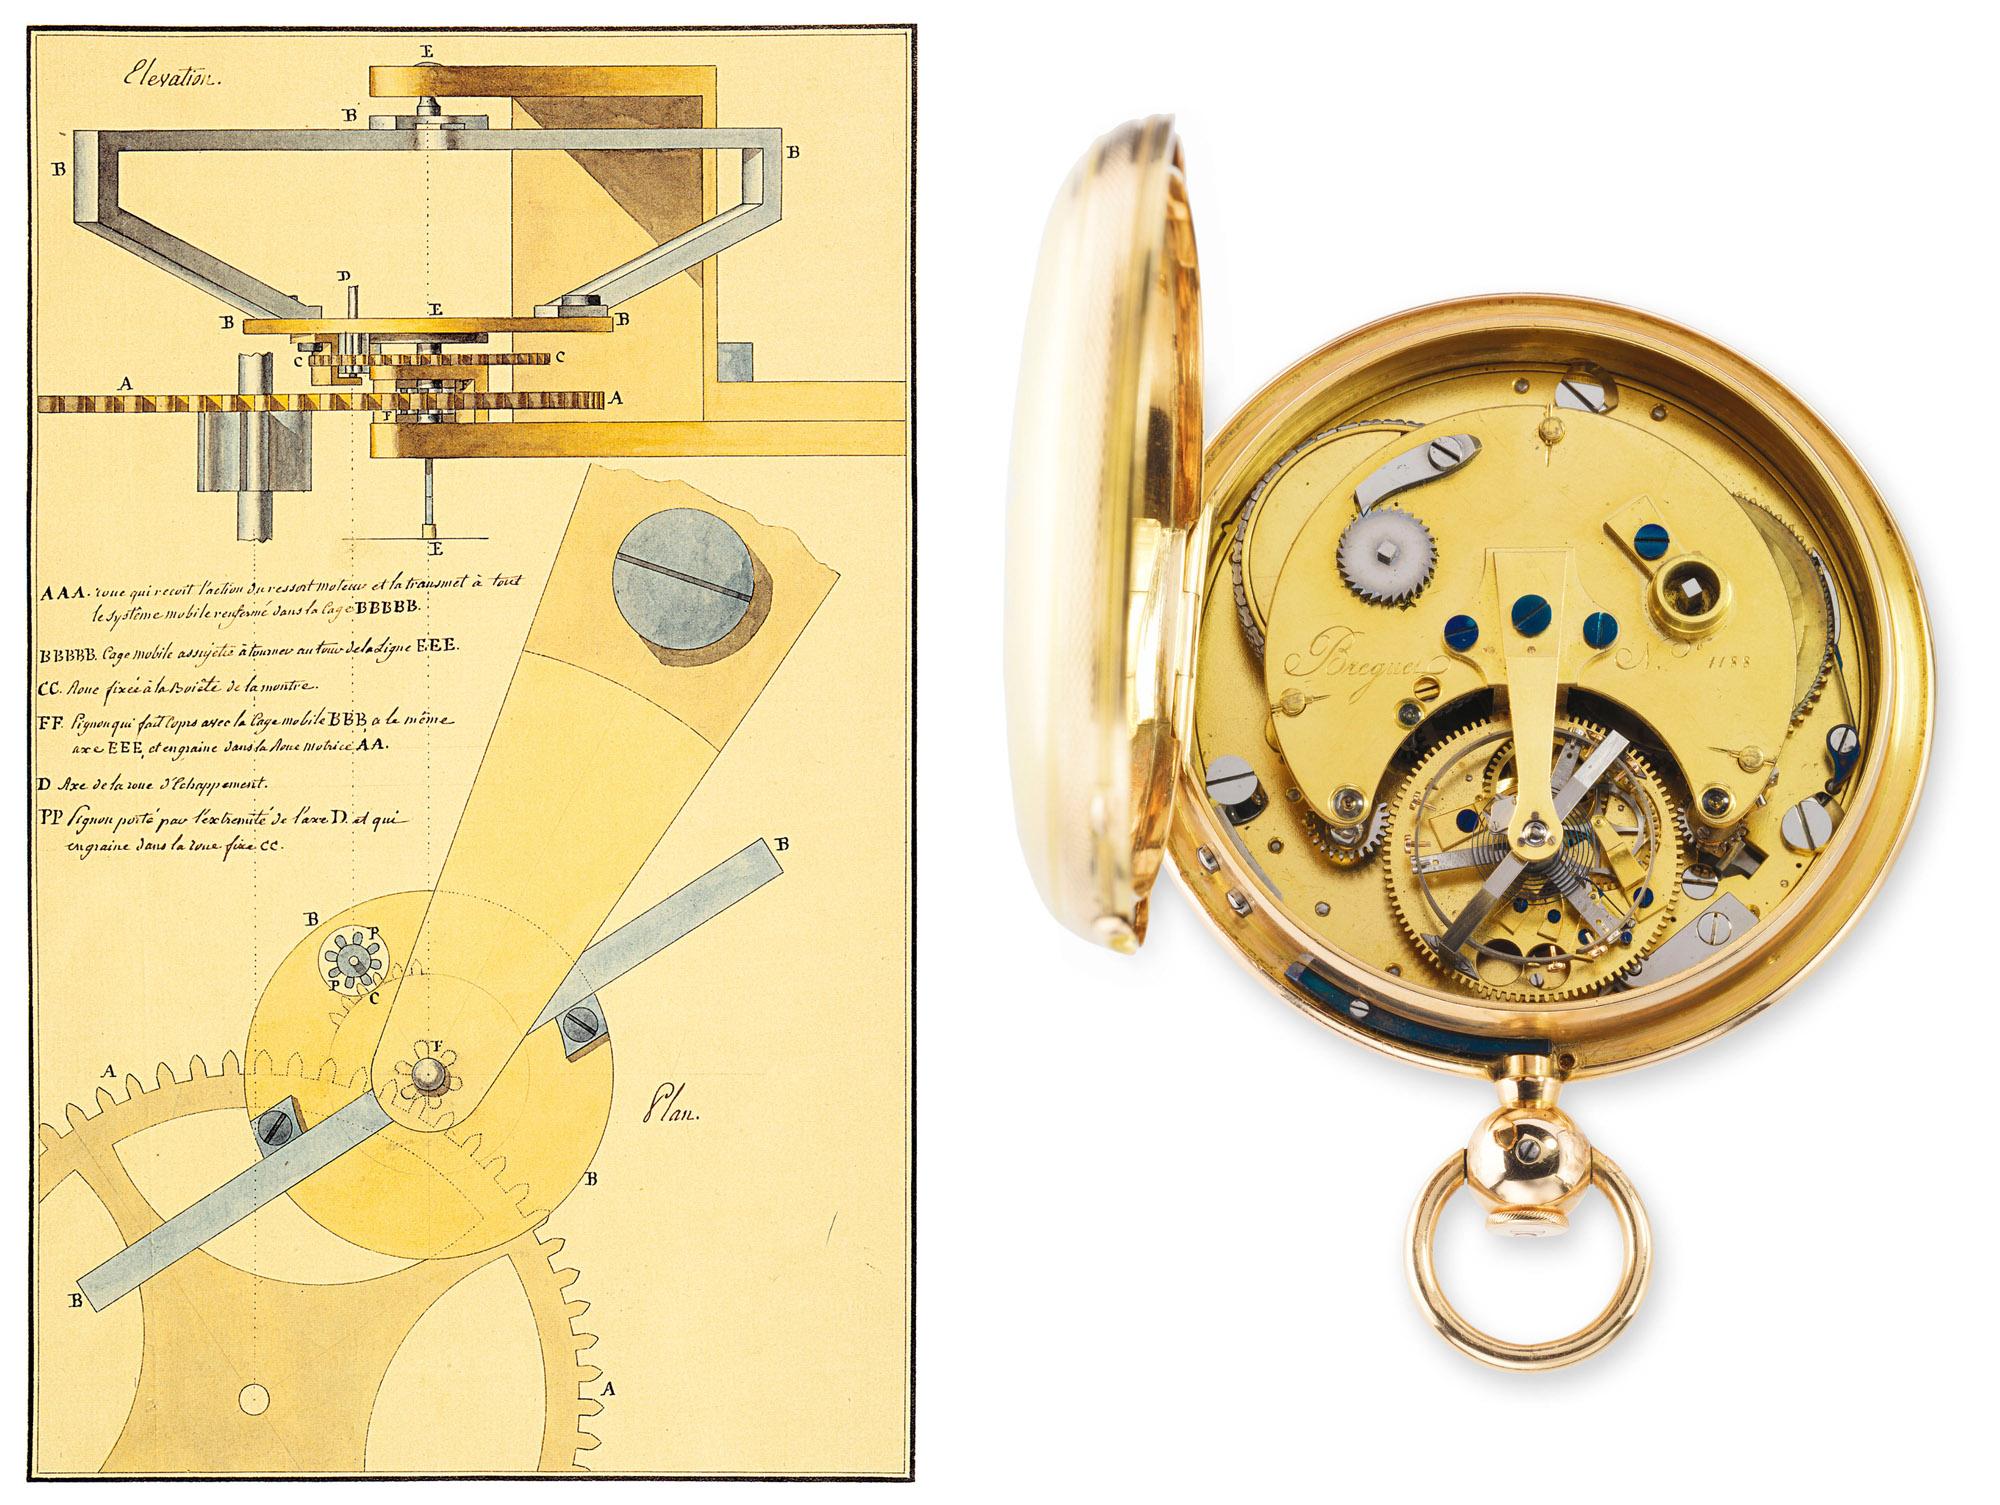 Breguet Pocket Watch Tourbillon No. 1188 patent application